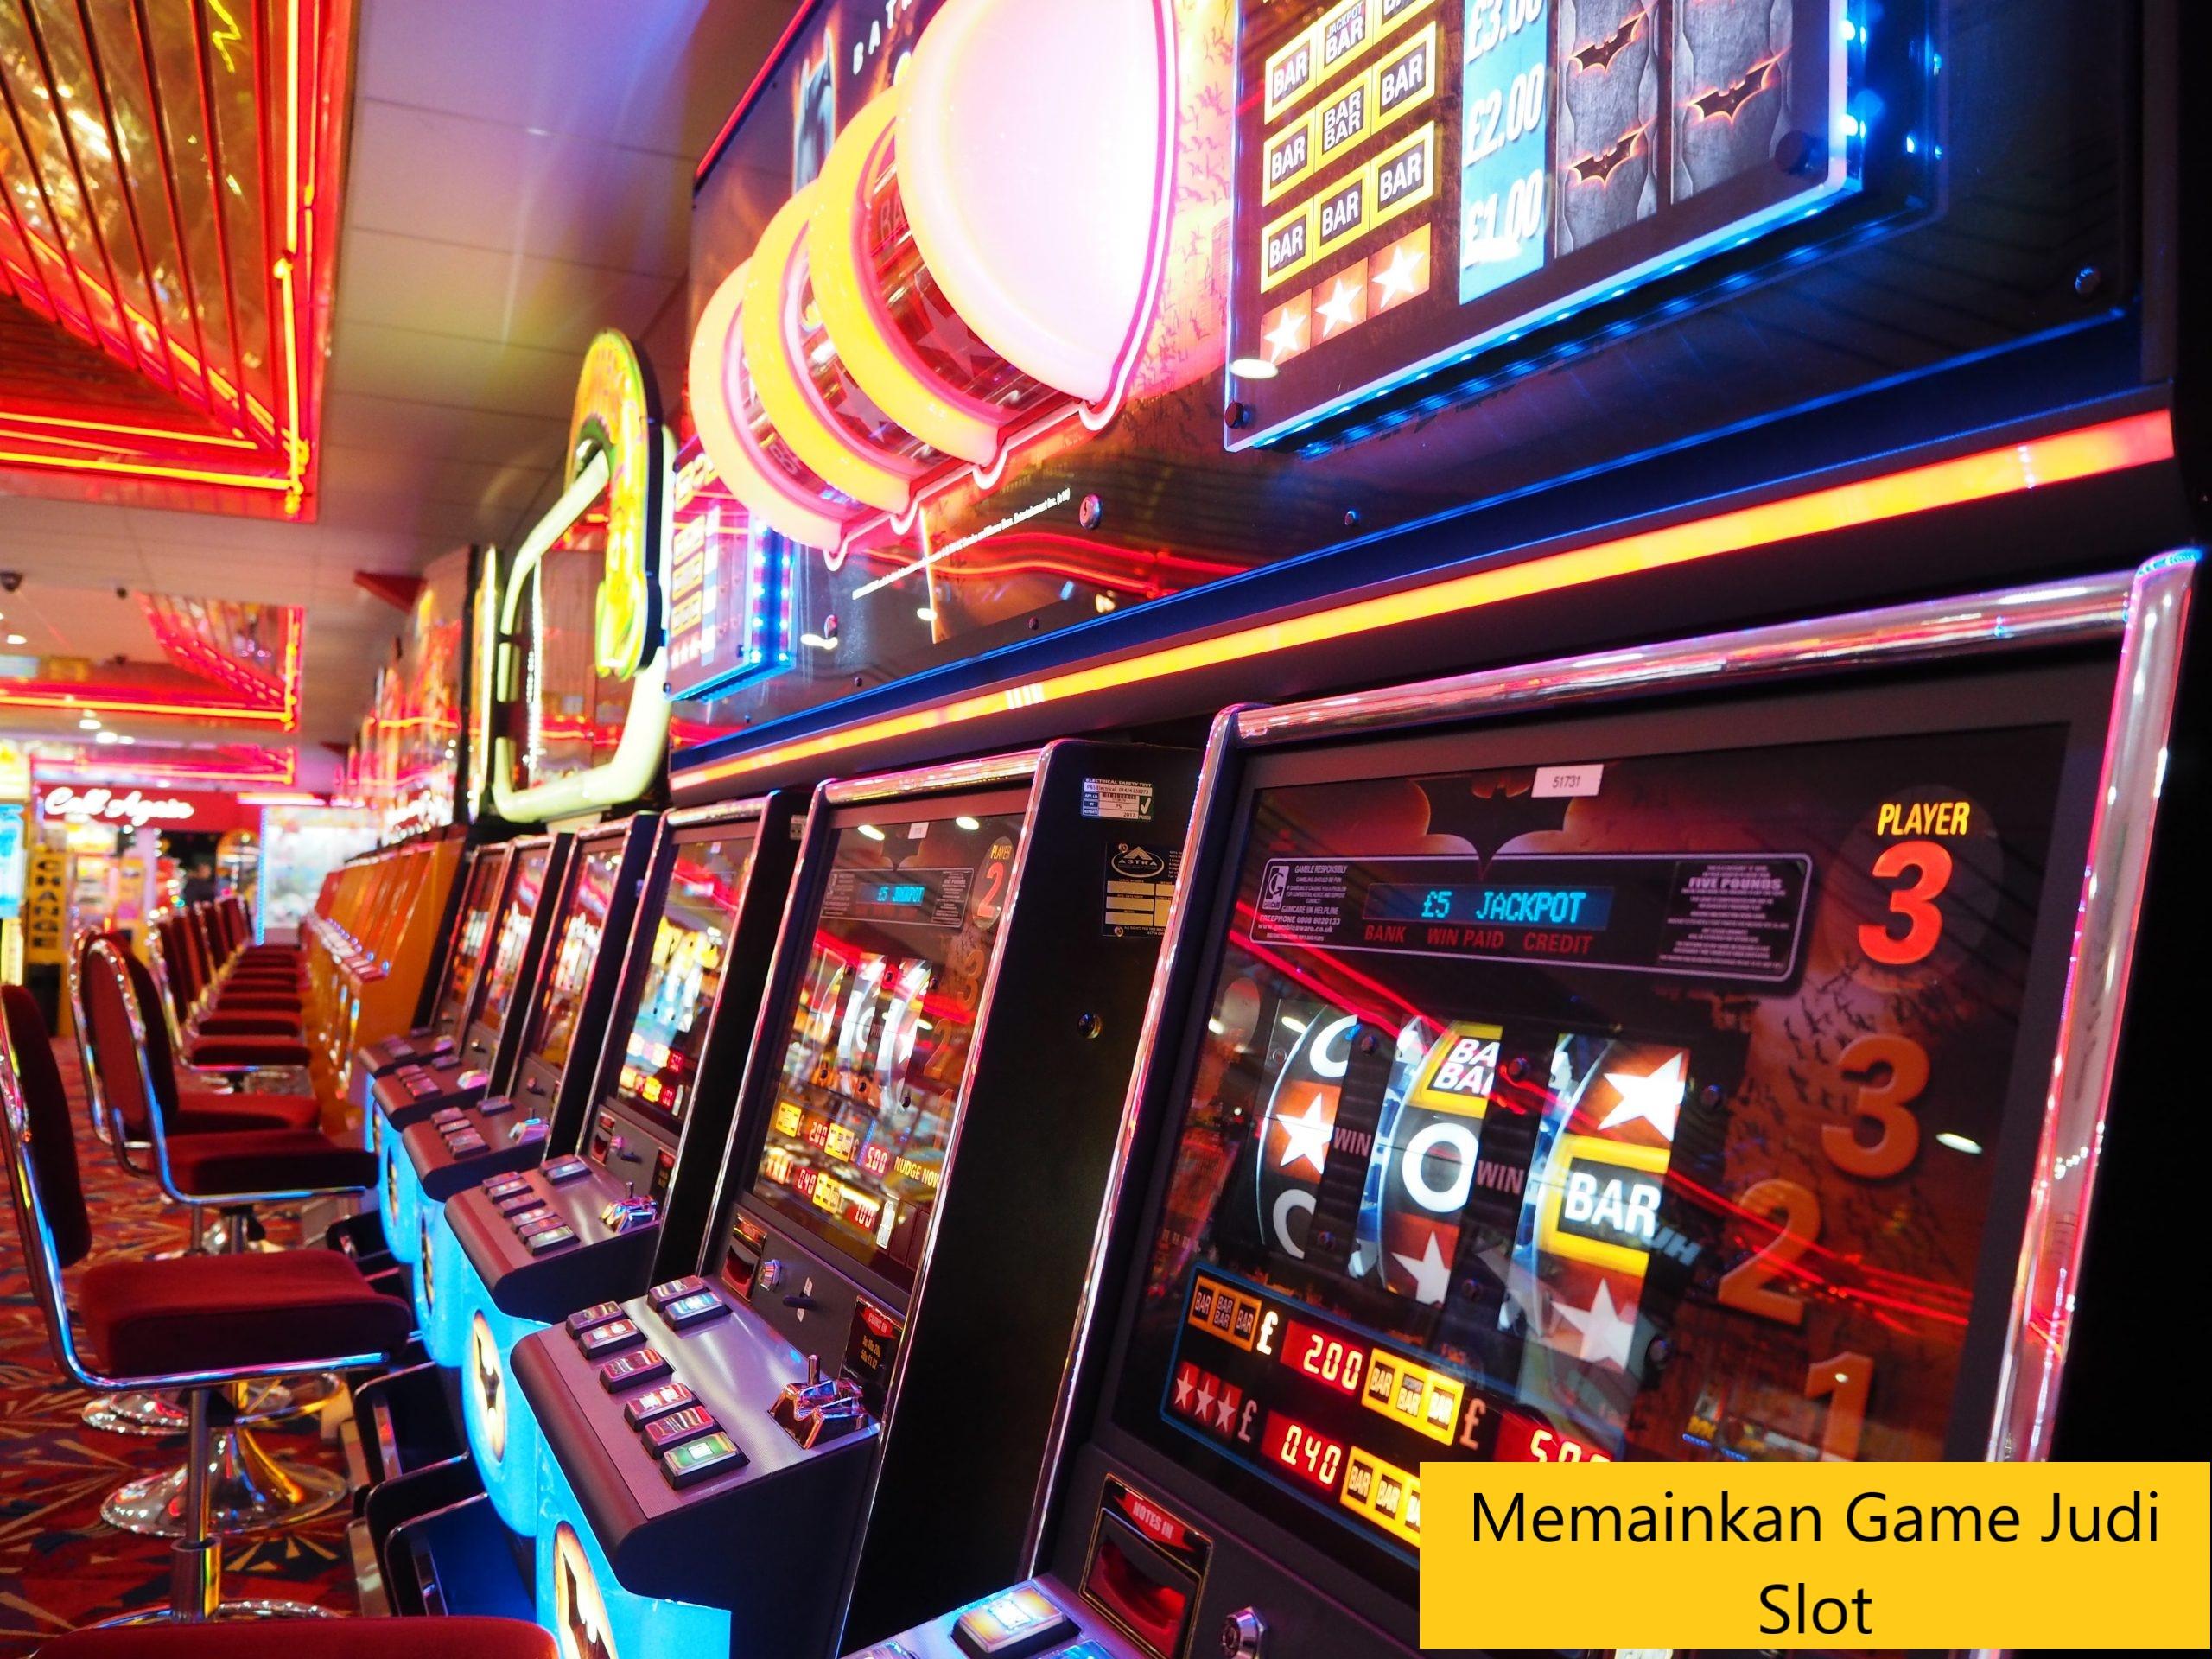 Game Dari Agen Judi Slot Jackpot Terbaru Sedang Hangat Dimainkan